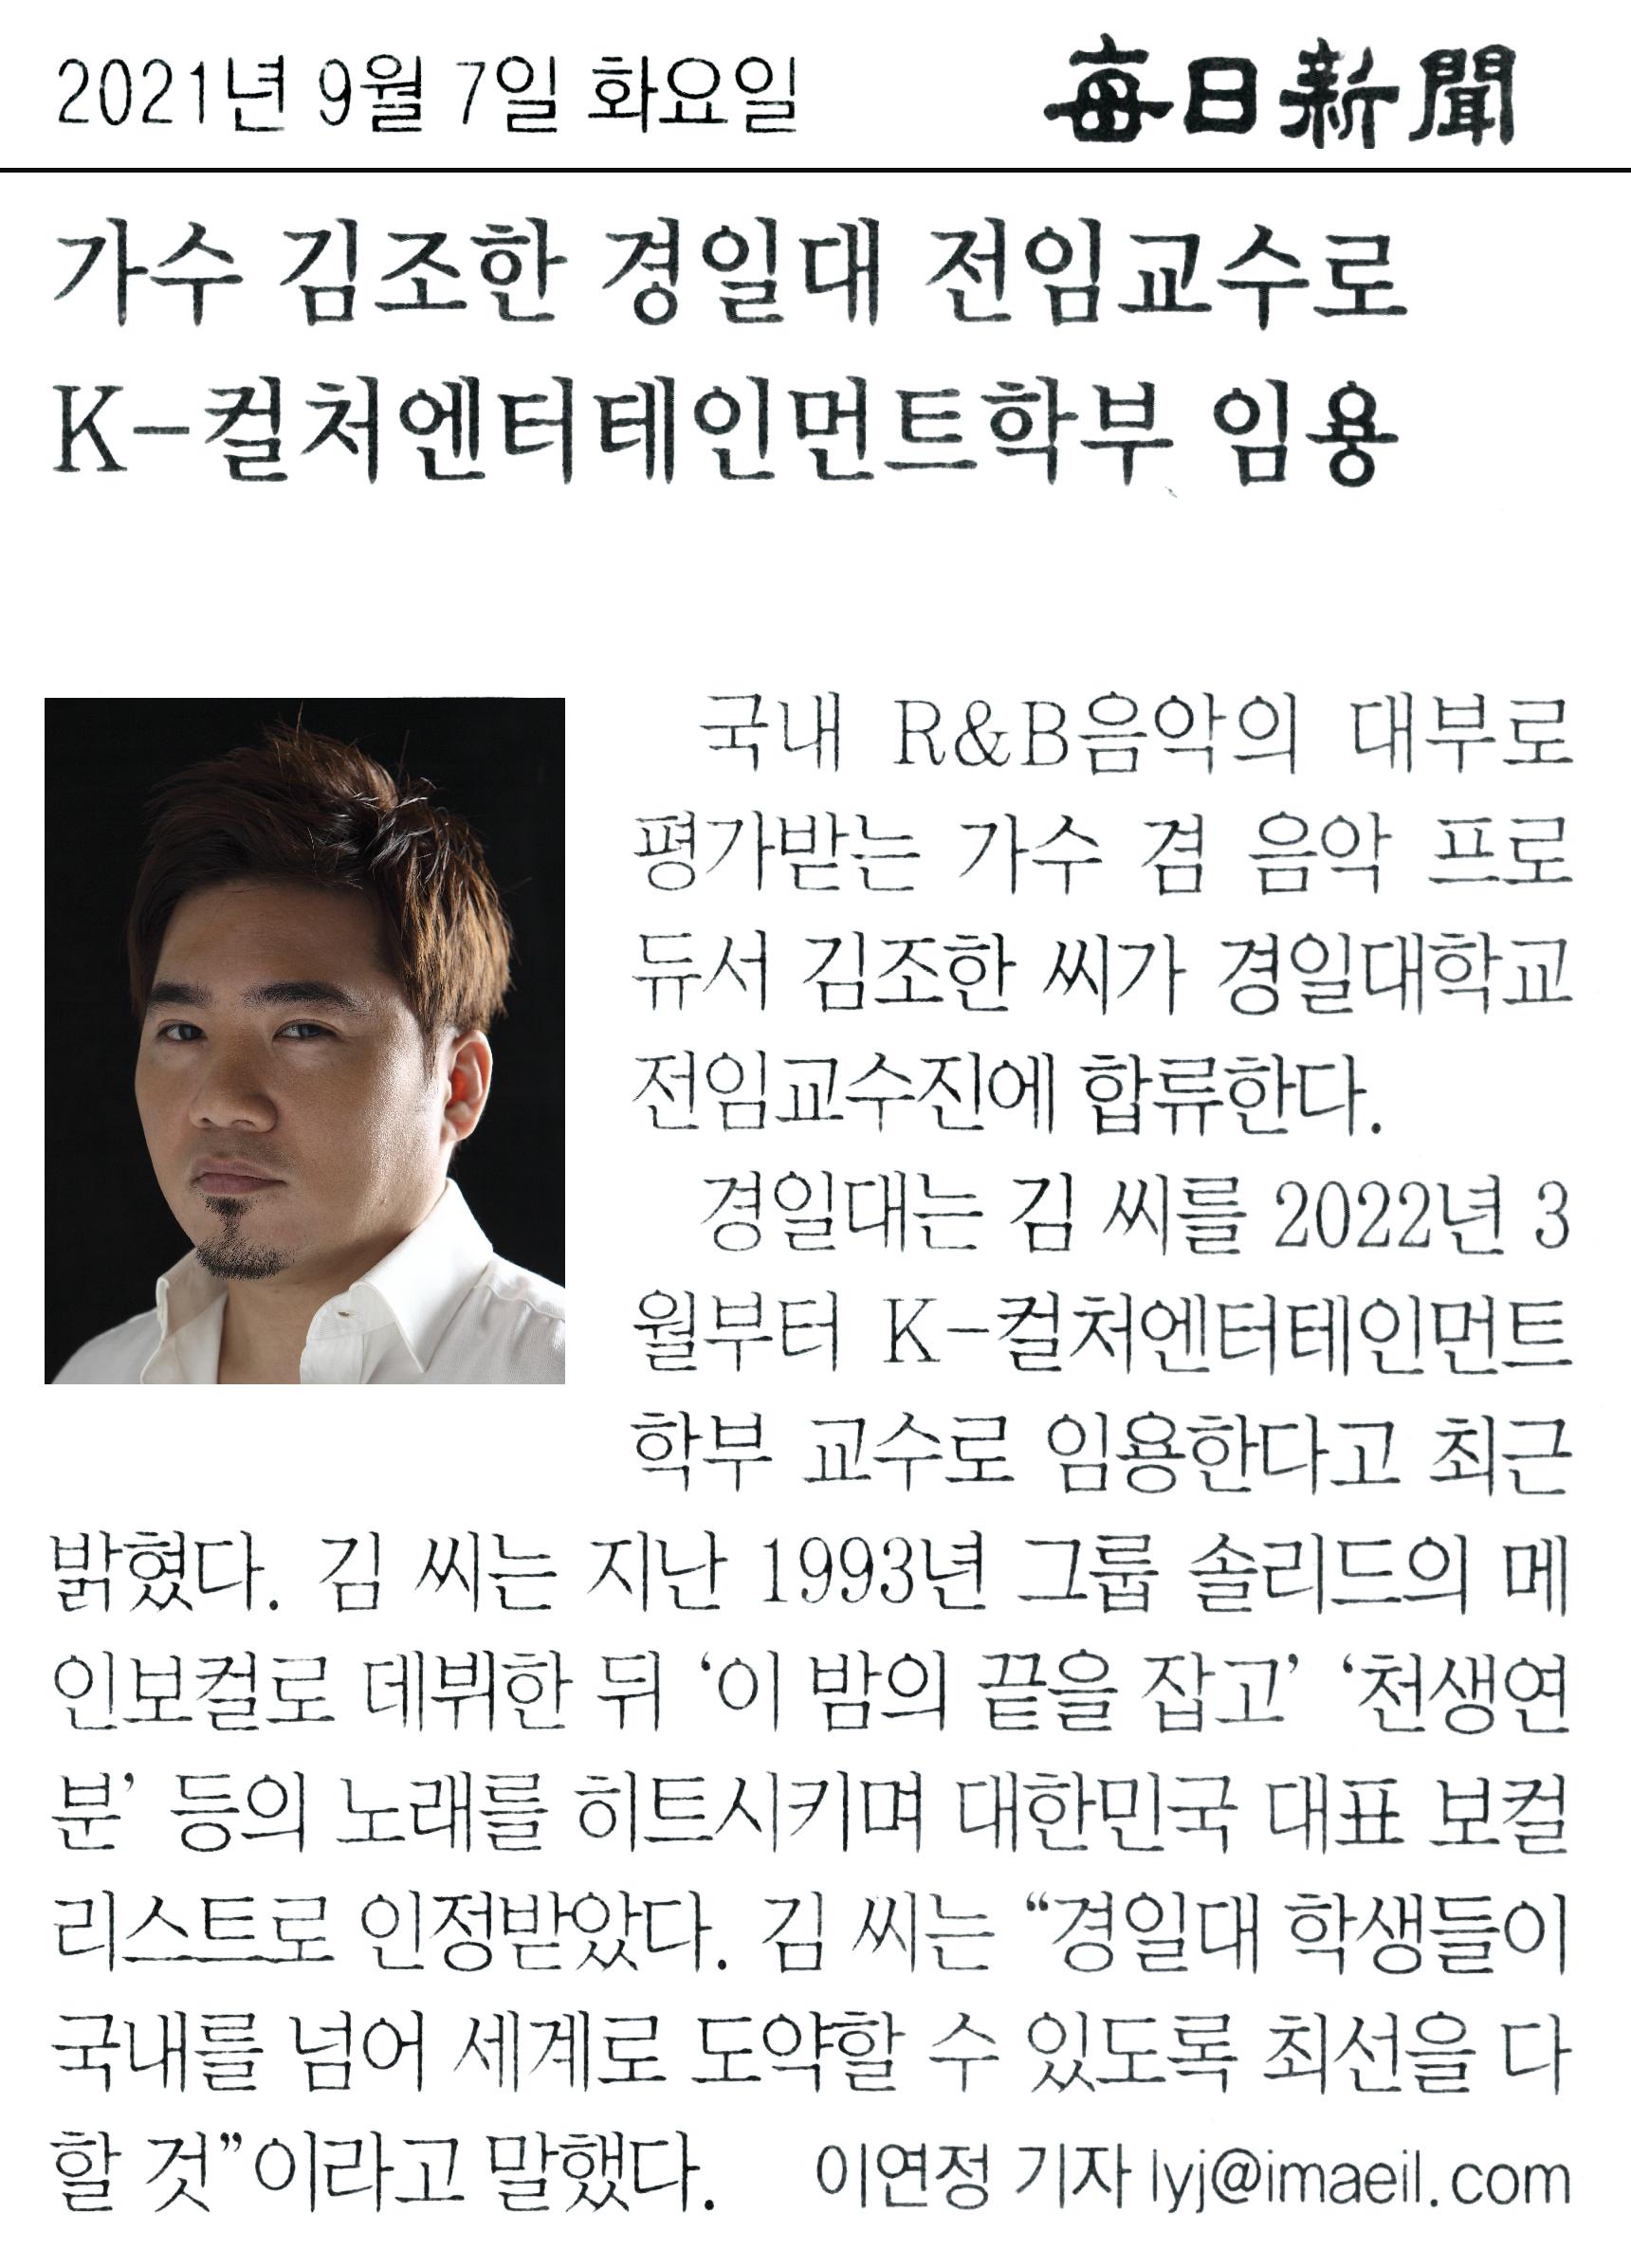 매일신문_가수 김조한 경일대 전임교수로 K-컬처엔터테인먼트학부 임용